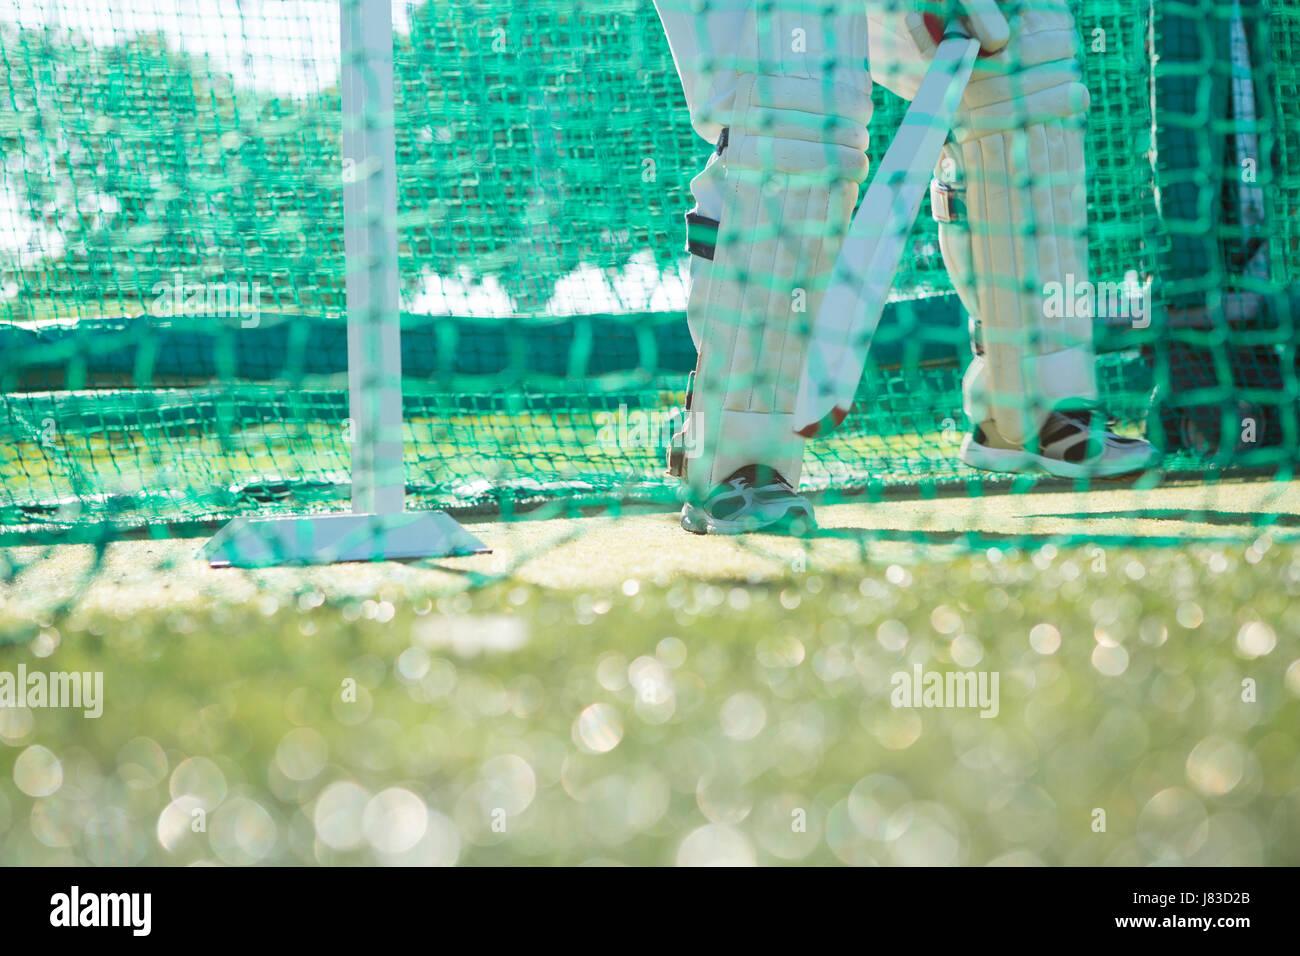 Bajo la sección del hombre jugando críquet estando de pie en el campo de deportes Imagen De Stock